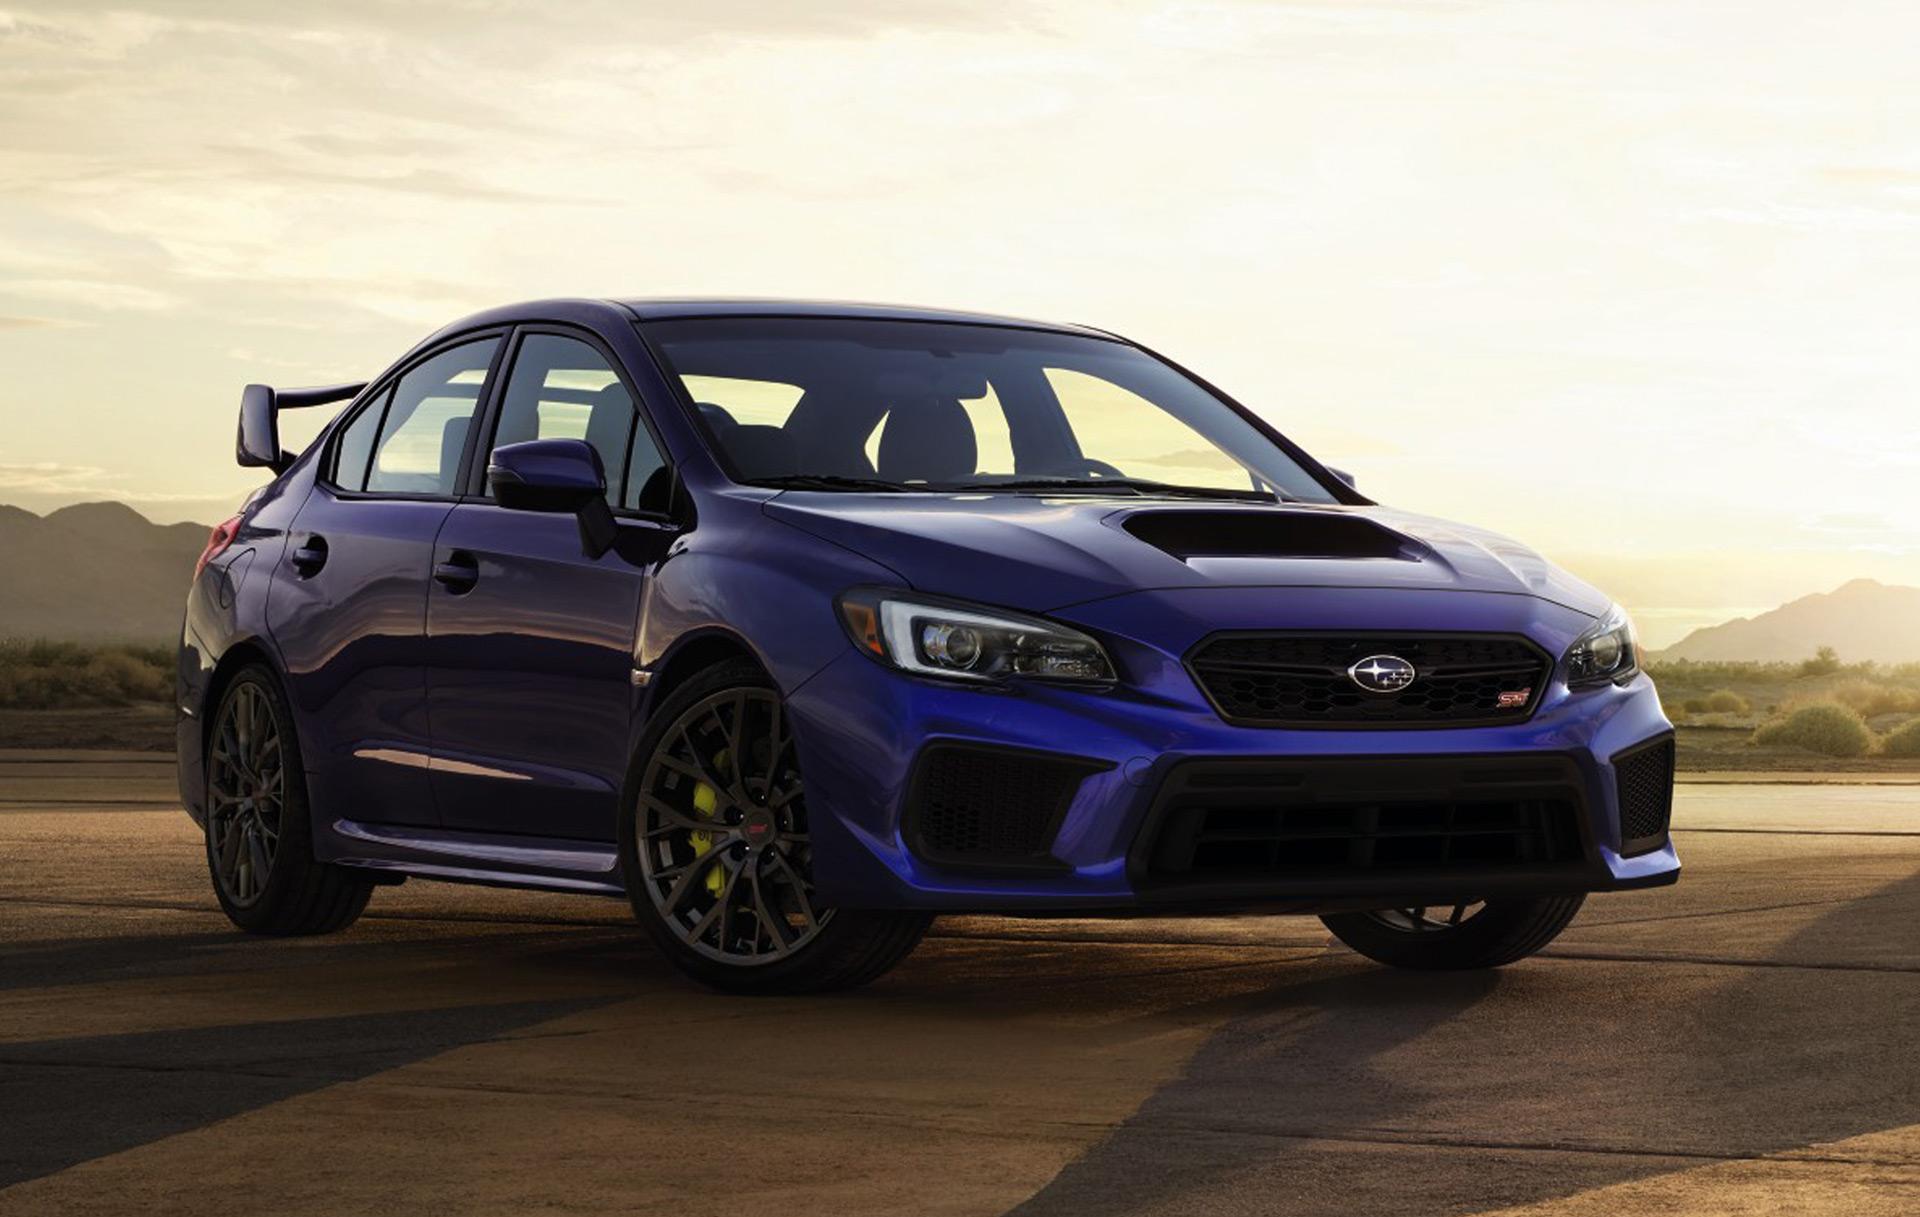 New 2018 Subaru WRX and WRX STI mild updates still missing